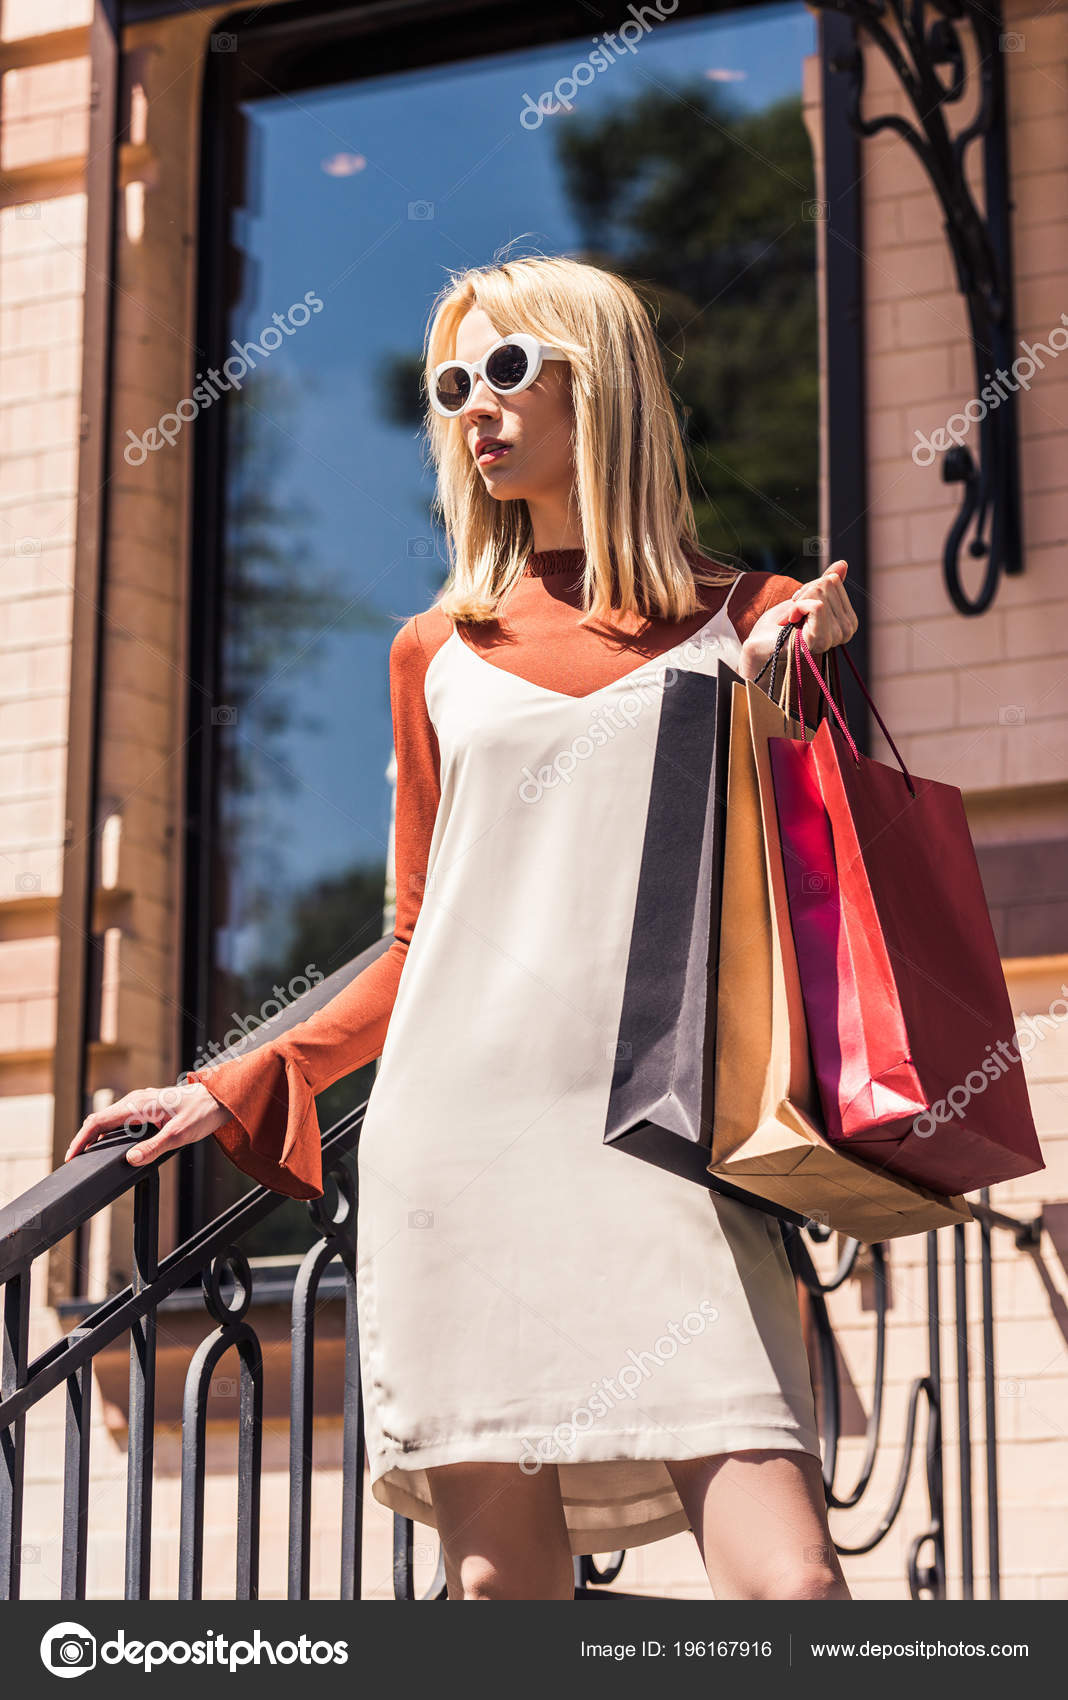 1672b737b7 Χαμηλή Γωνία Προβολής Κομψό Νεαρή Γυναίκα Ξανθιά Γυαλιά Ηλίου Κρατώντας — Φωτογραφία  Αρχείου